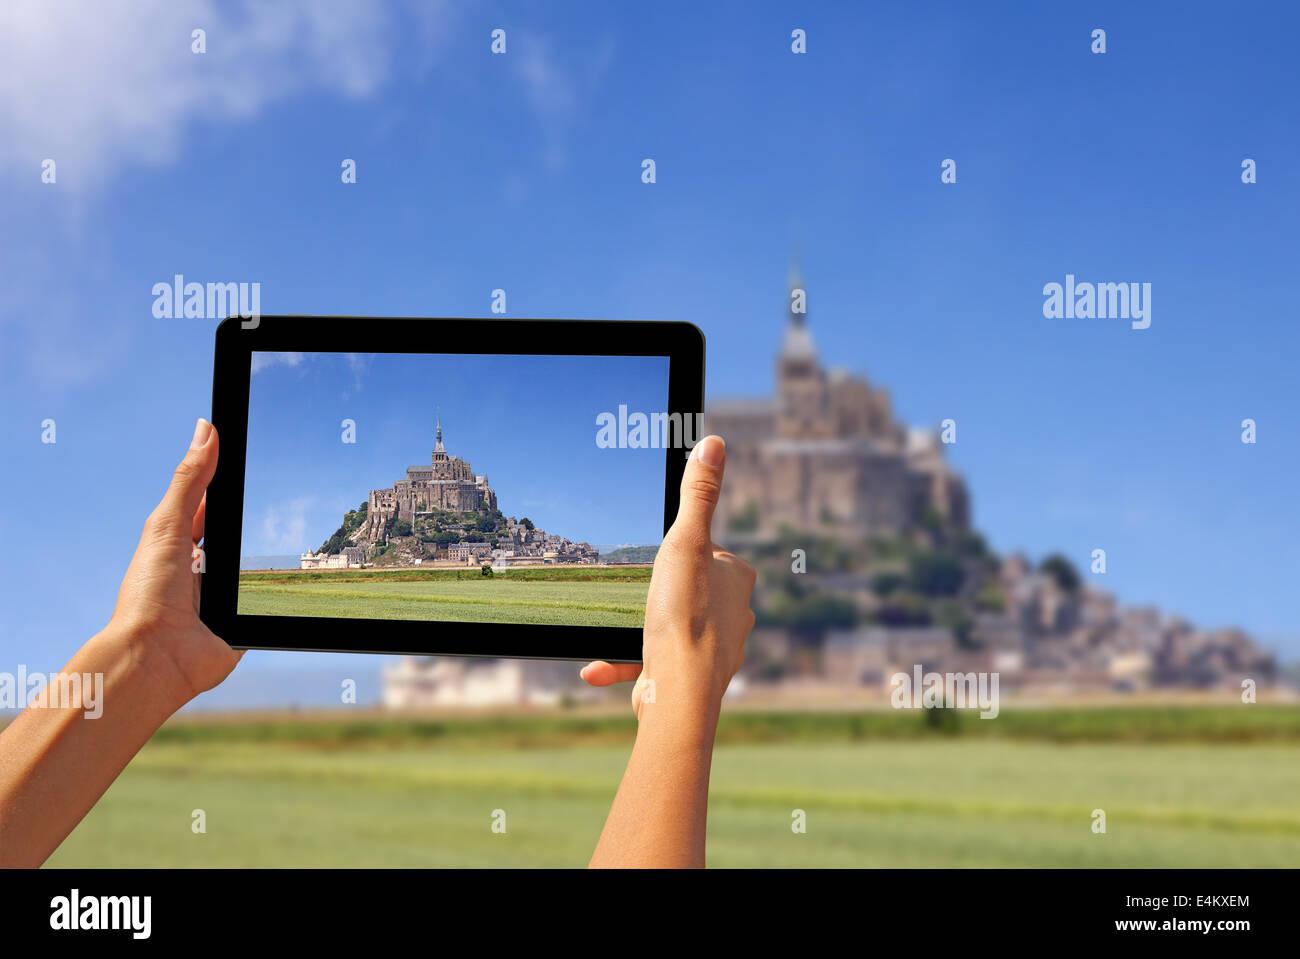 Mädchen fotografieren auf einem Tablet, Le Mont Saint Michel Abbey, Normandie / Bretagne, Frankreich Stockfoto